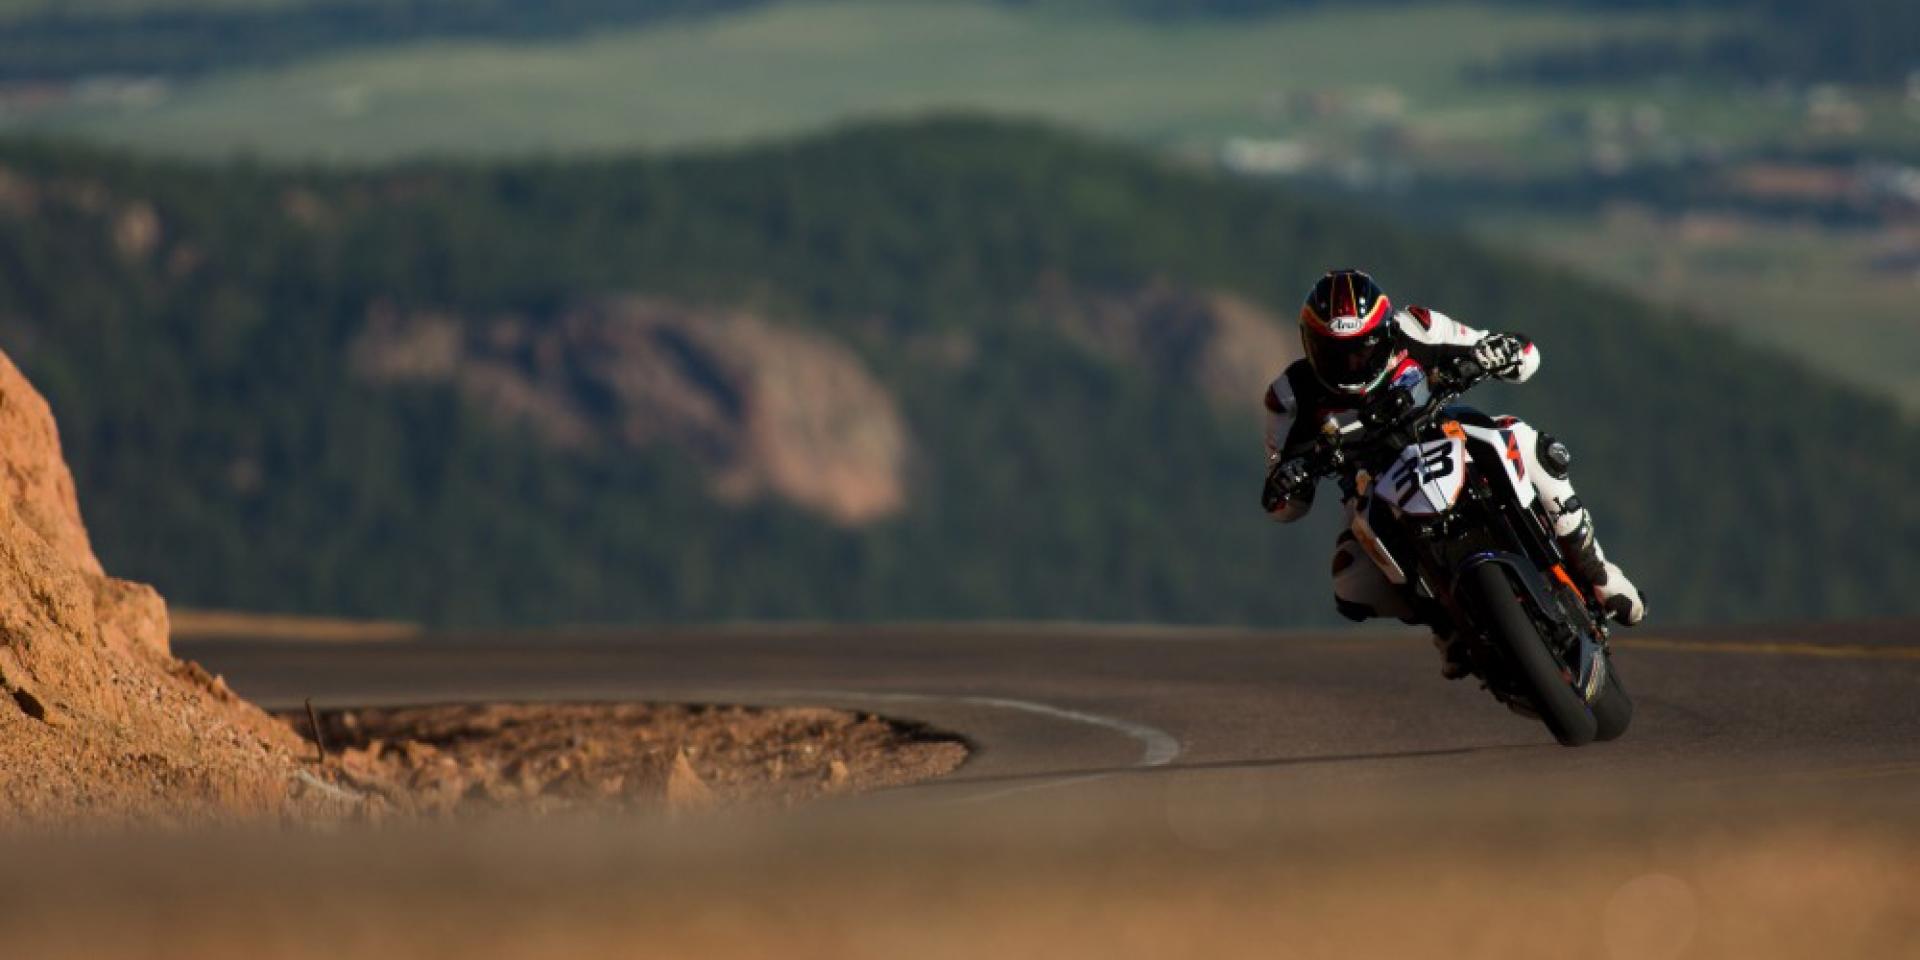 確定取消!Pikes Peak派克峰爬山賽「停辦」摩托車組別賽事